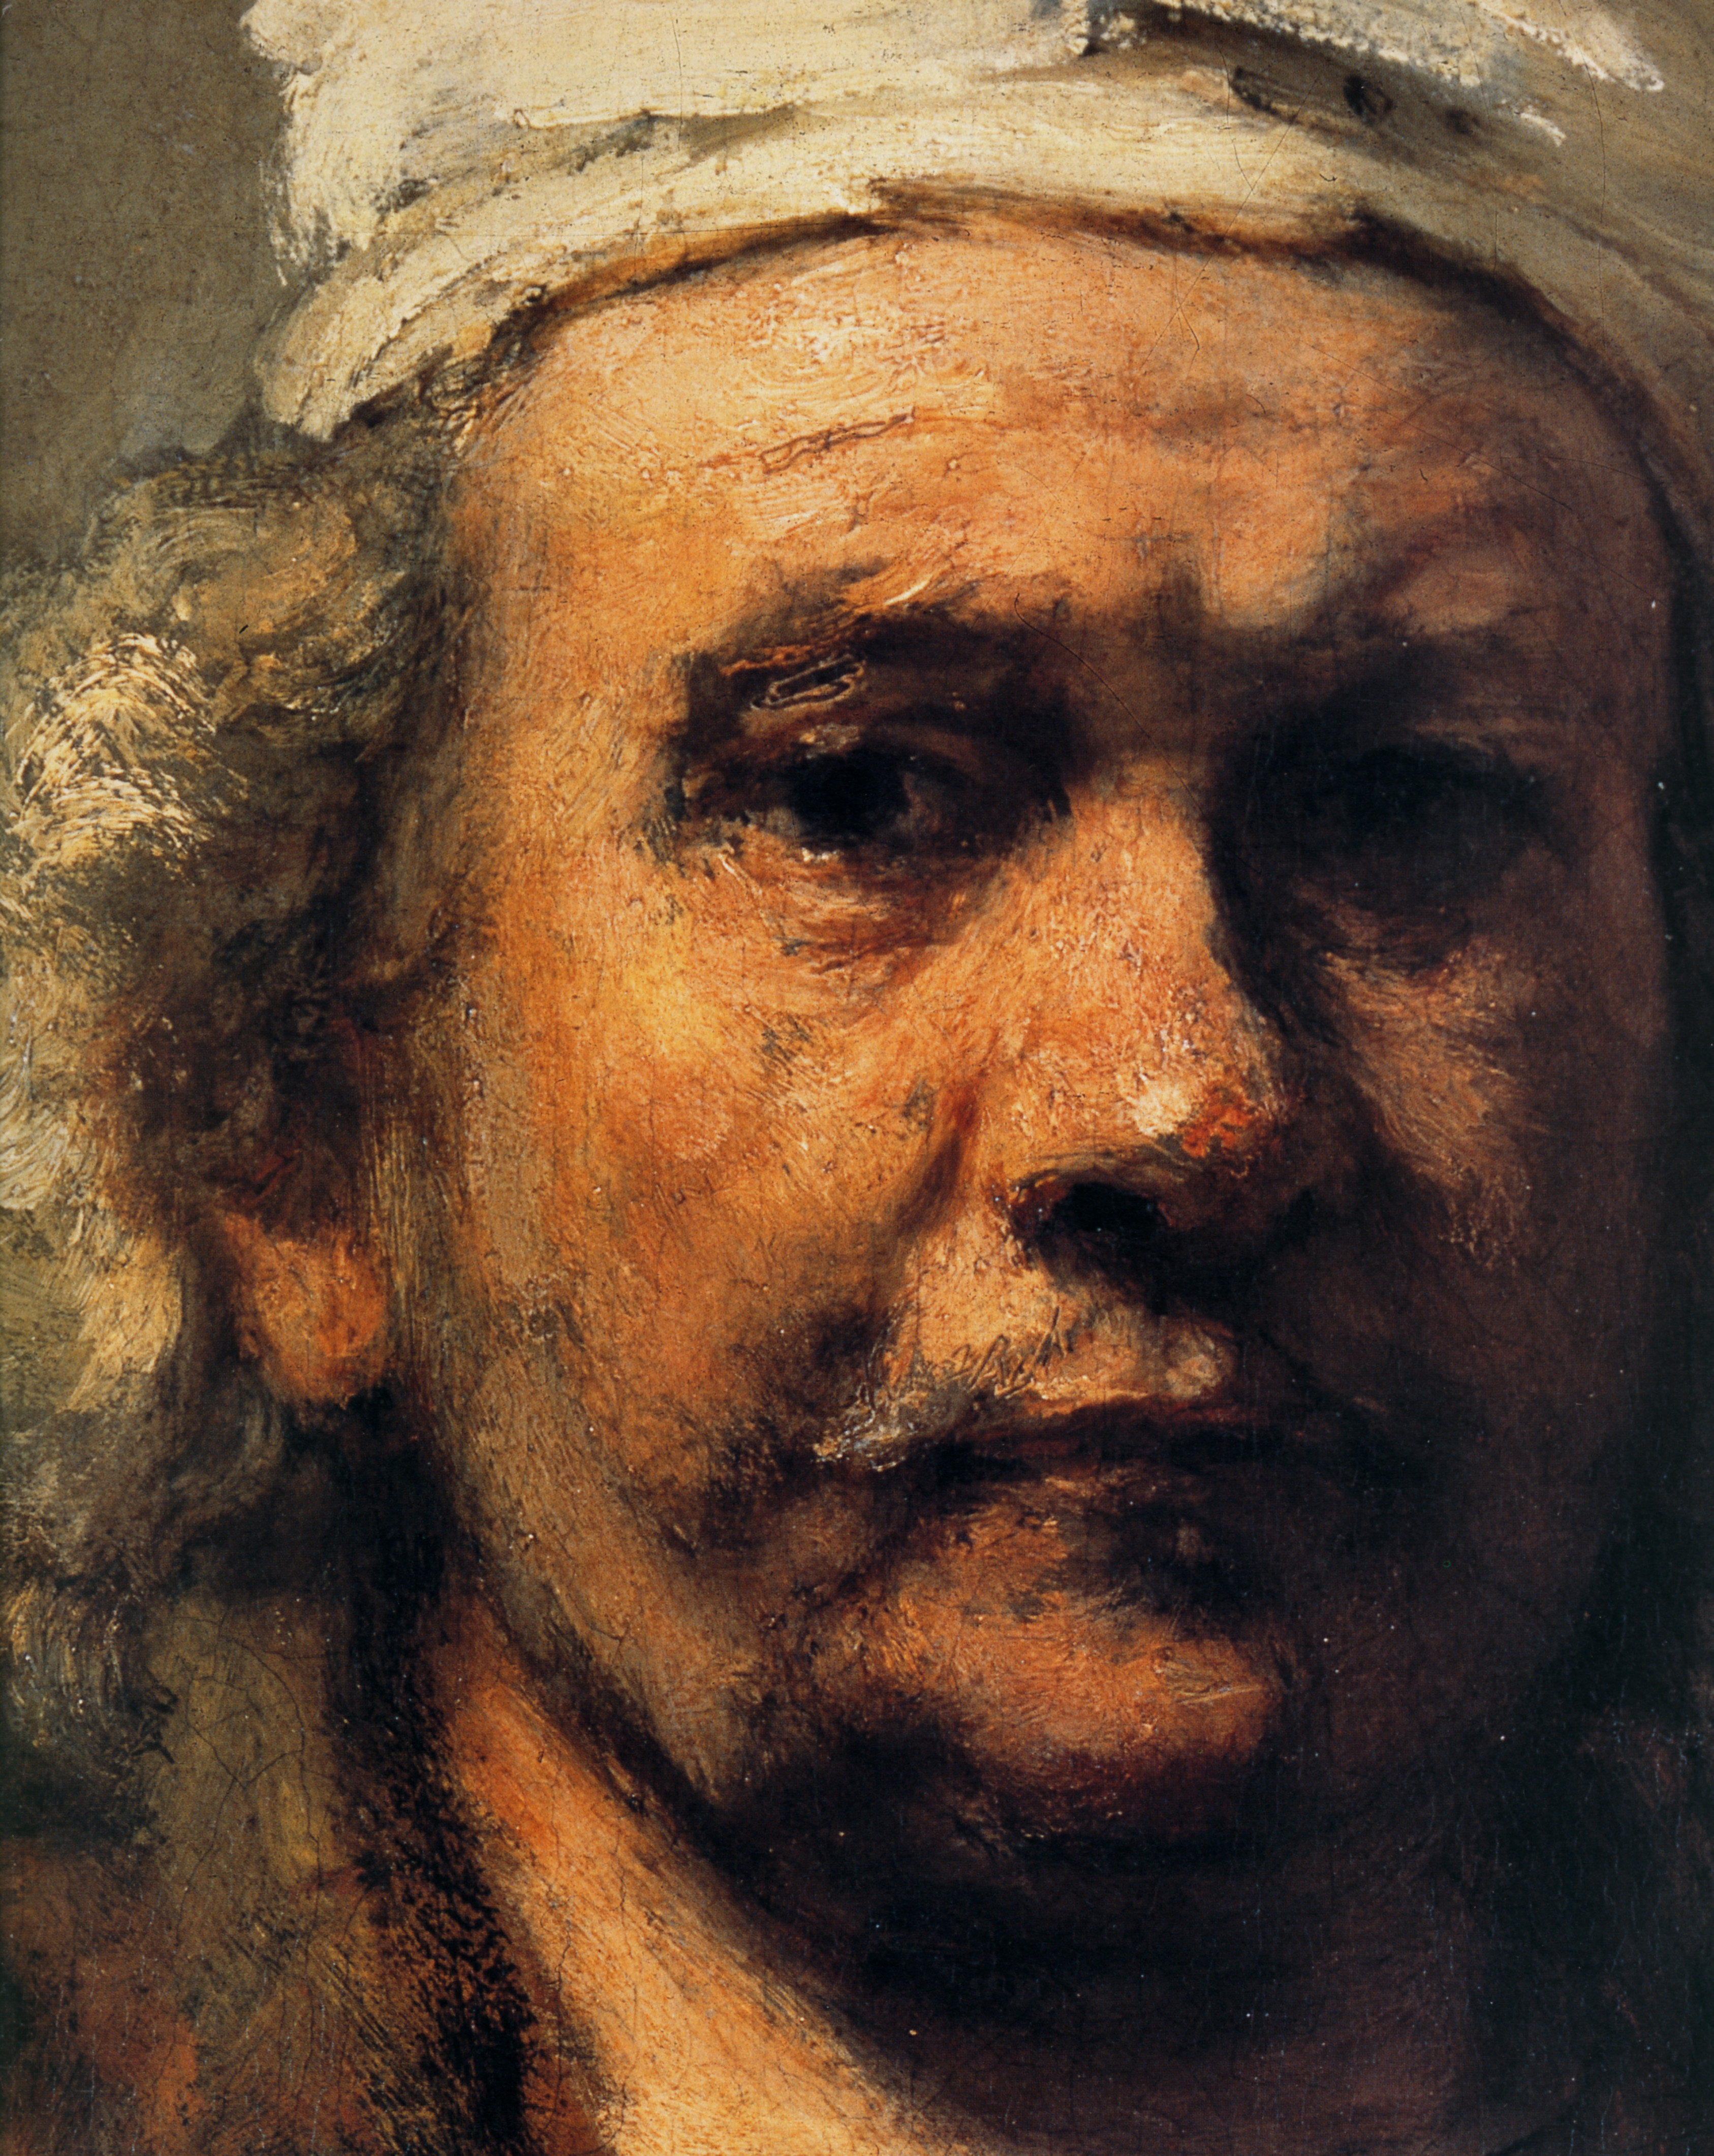 Rembrandt Self Portraits - Lessons - Tes Teach